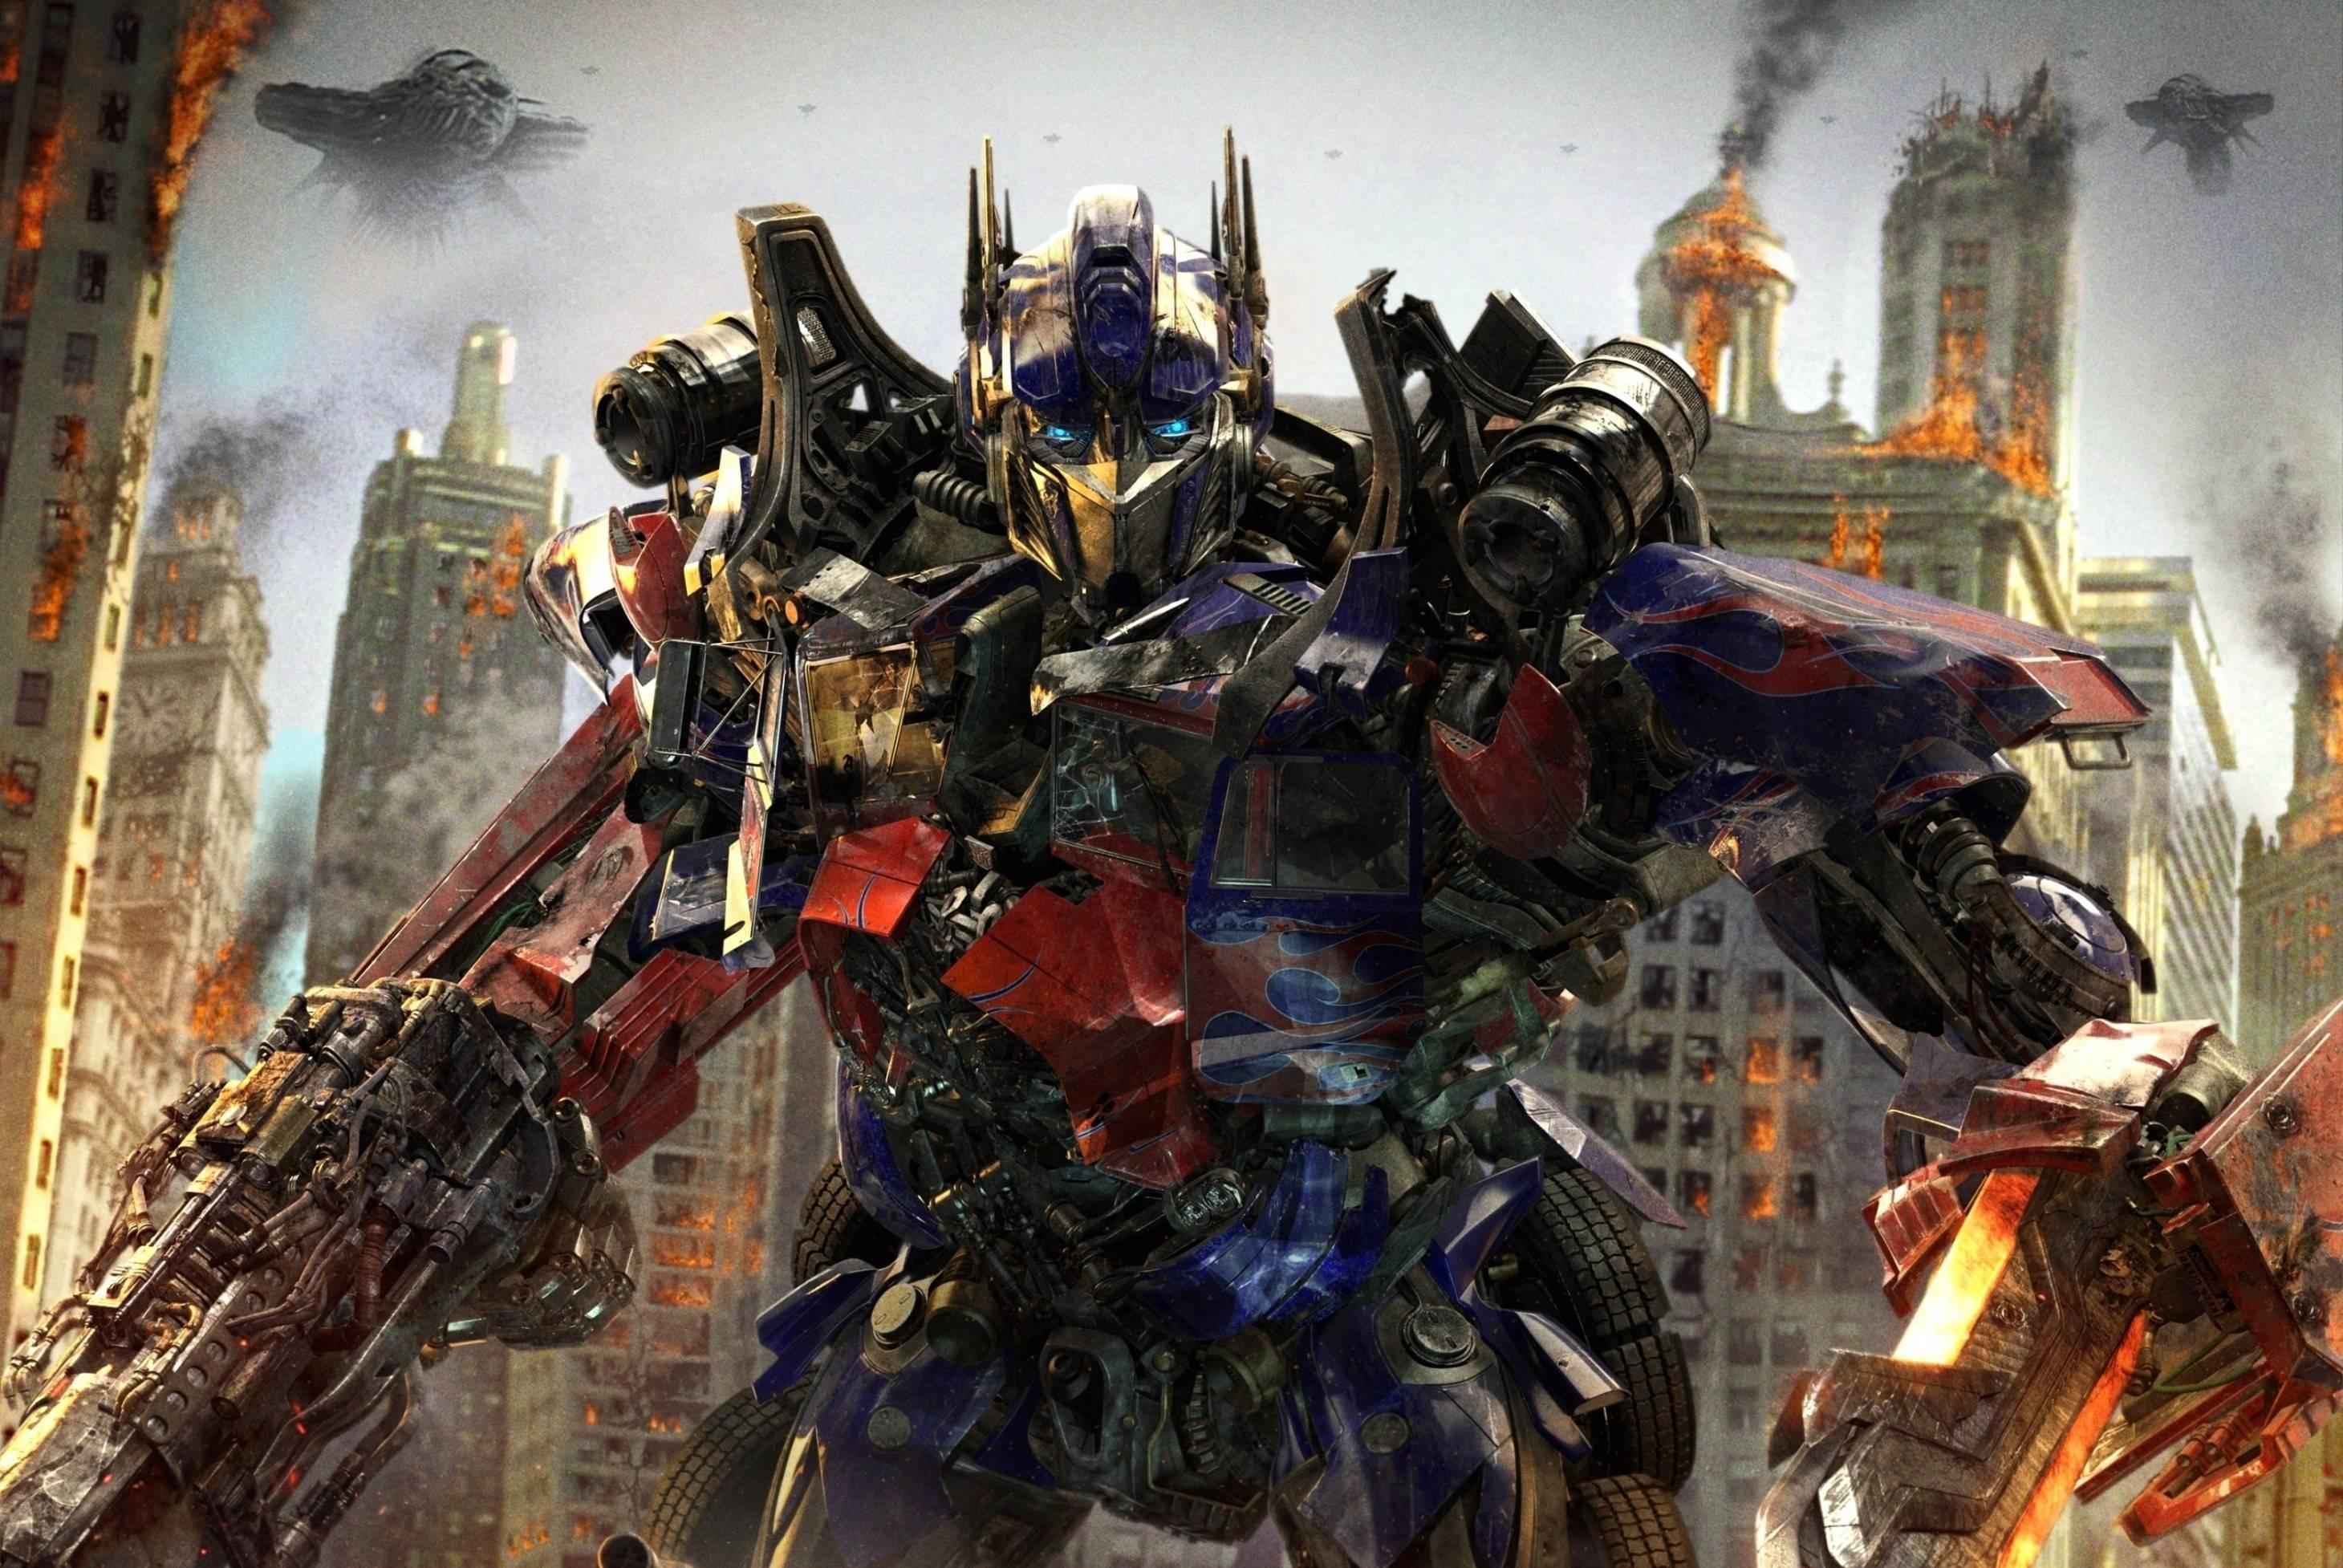 Optimus Prime Wallpapers - Wallpaper Cave